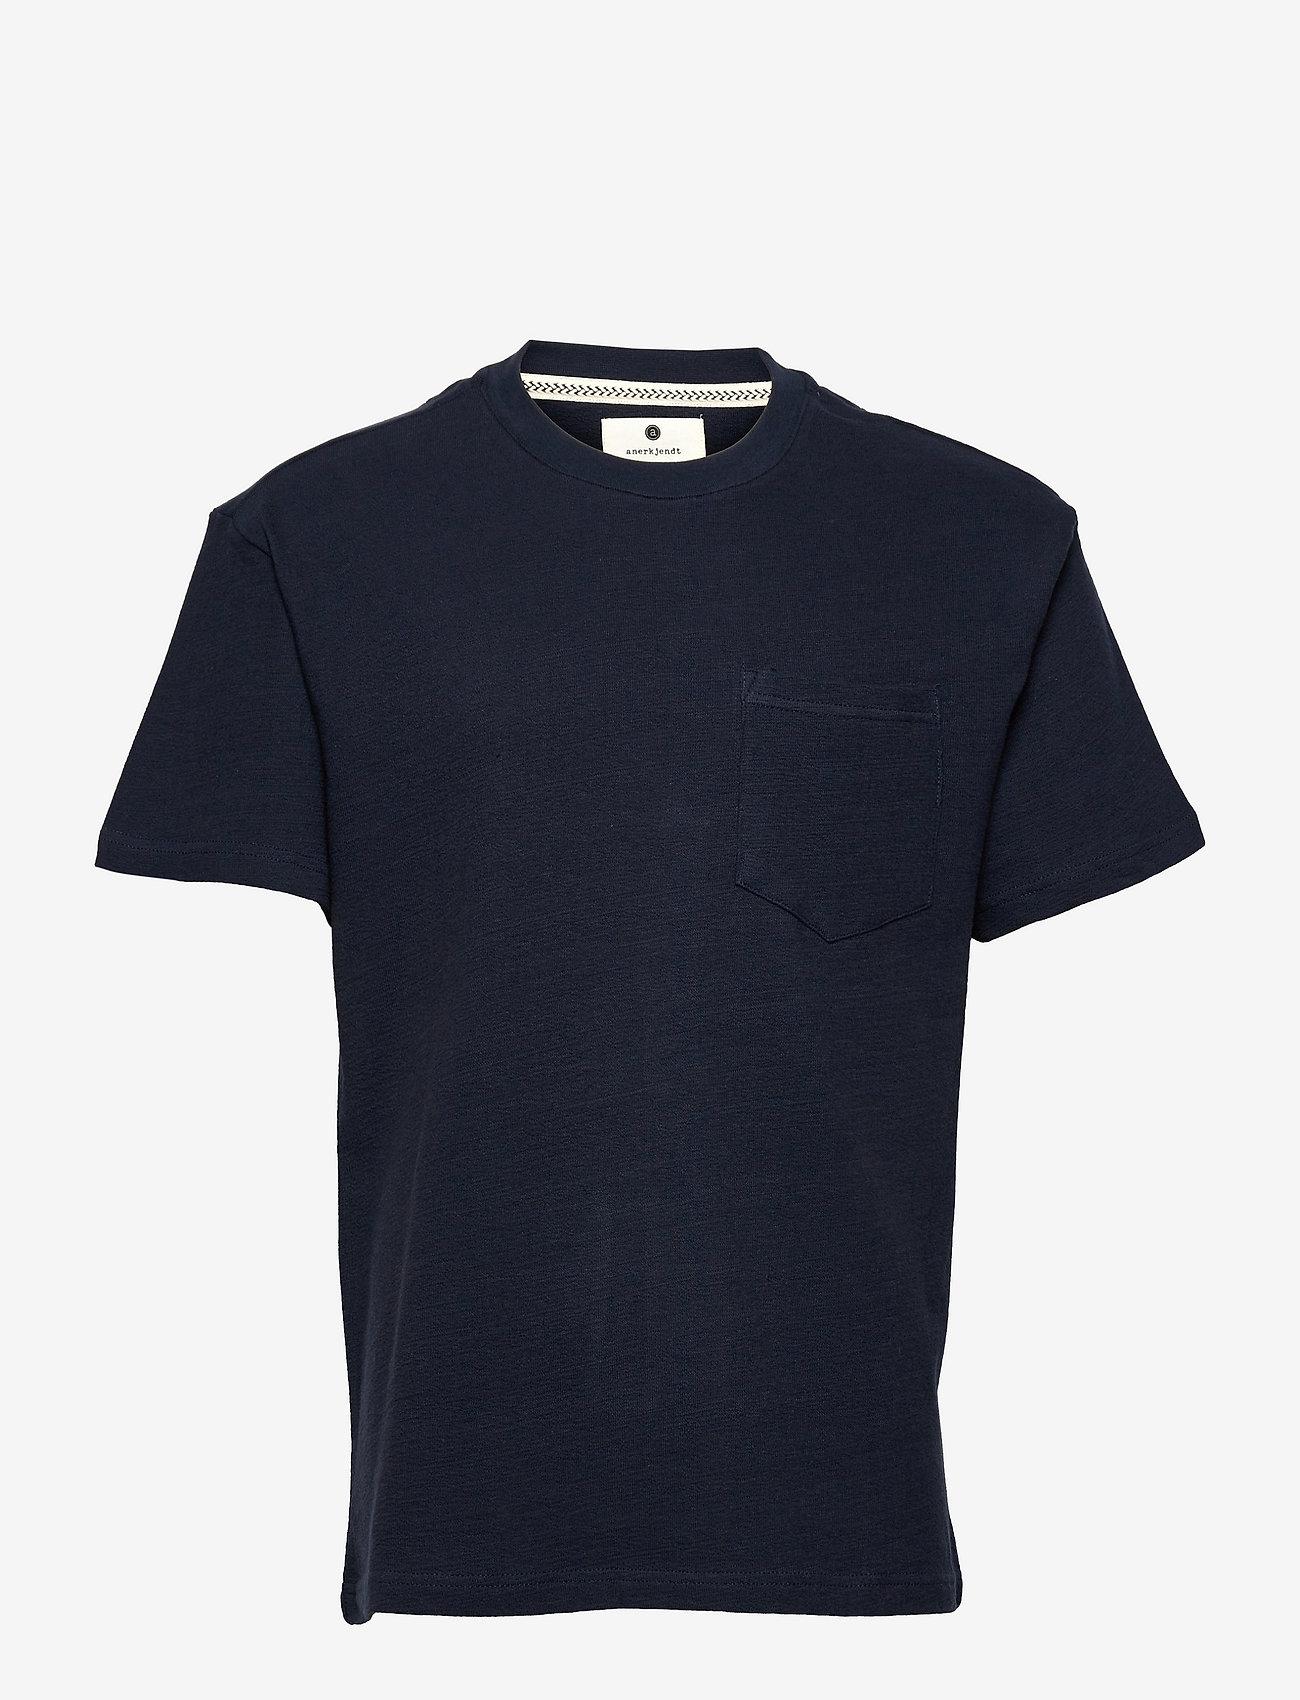 Anerkjendt - AKKIKKI STRUCTURE T SHIRT - basic t-shirts - sky captain - 0